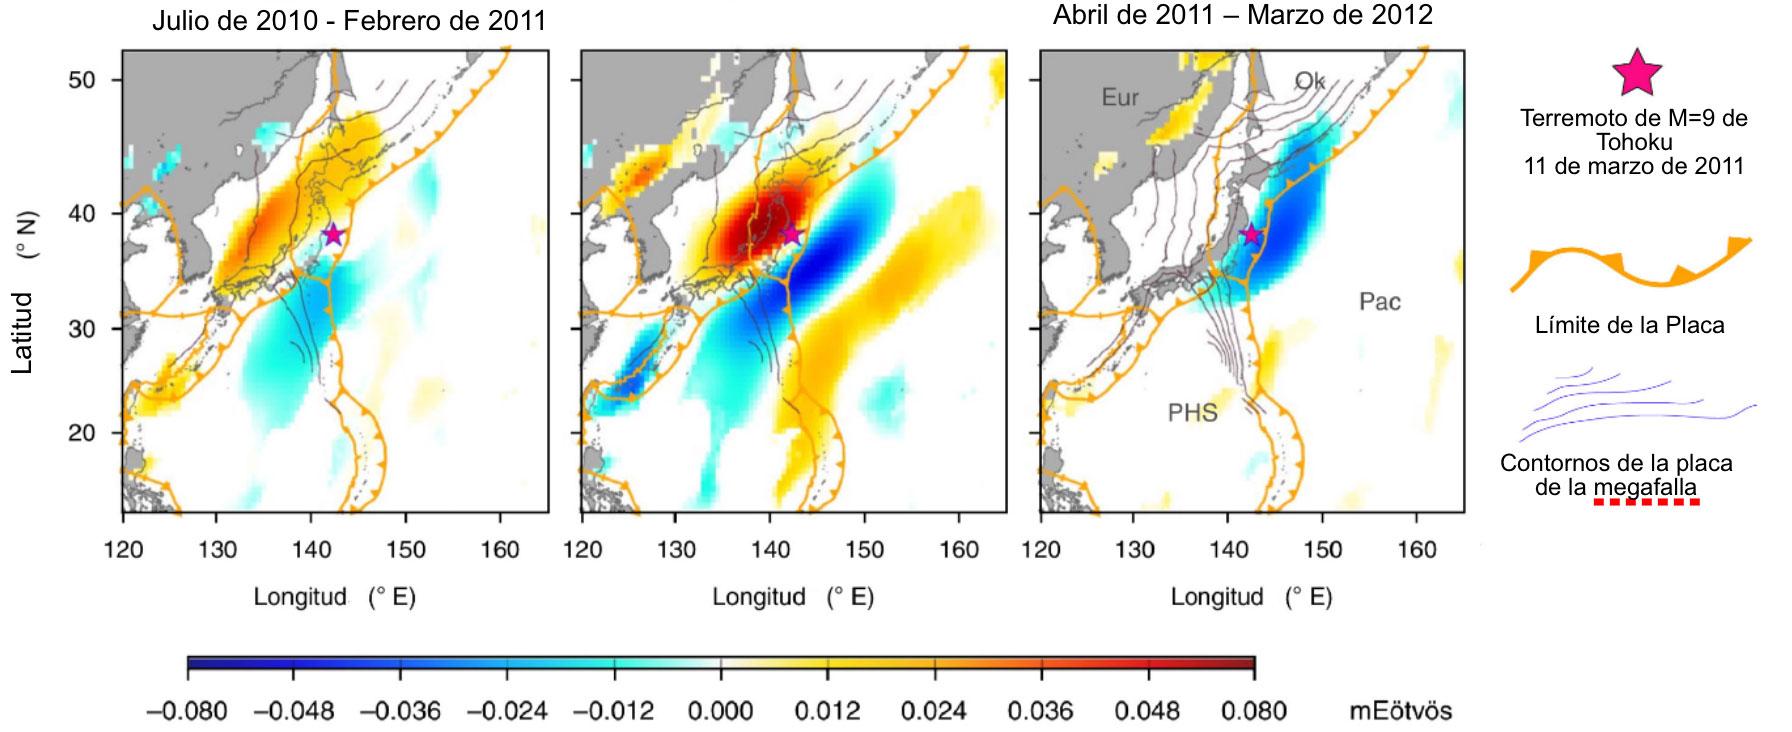 Este mapa presenta el gradiente gravitacional alrededor de la ubicación del terremoto de Tohoku, antes, durante y después del terremoto. mEötvös constituyen el gradiente gravitacional de la Tierra, esto es, el cambio en el vector de aceleración gravitacional desde un punto sobre la superficie de la Tierra a otro. 'Pac' es la Placa del Pacífico, 'PHS' es la Placa Filipina y 'Eur' la Placa Europea. En los primeros dos recuadros, los contornos en relieve de la placa de la megafalla son cada 200 km, --mientras que, en el tercero, son cada 100 km. (Figura modificada a partir de Panet et al., 2018).